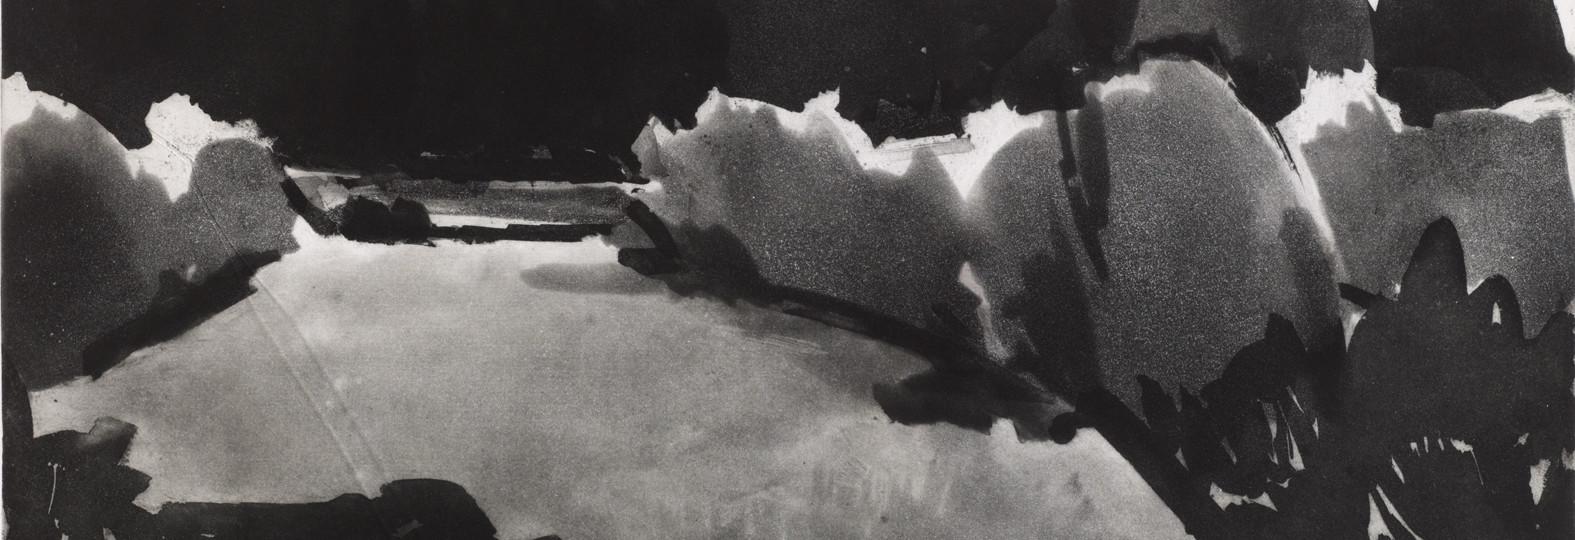 En nästan abstrakt beskrivning av ett landskap med träd och vatten. Svartvitt arbete